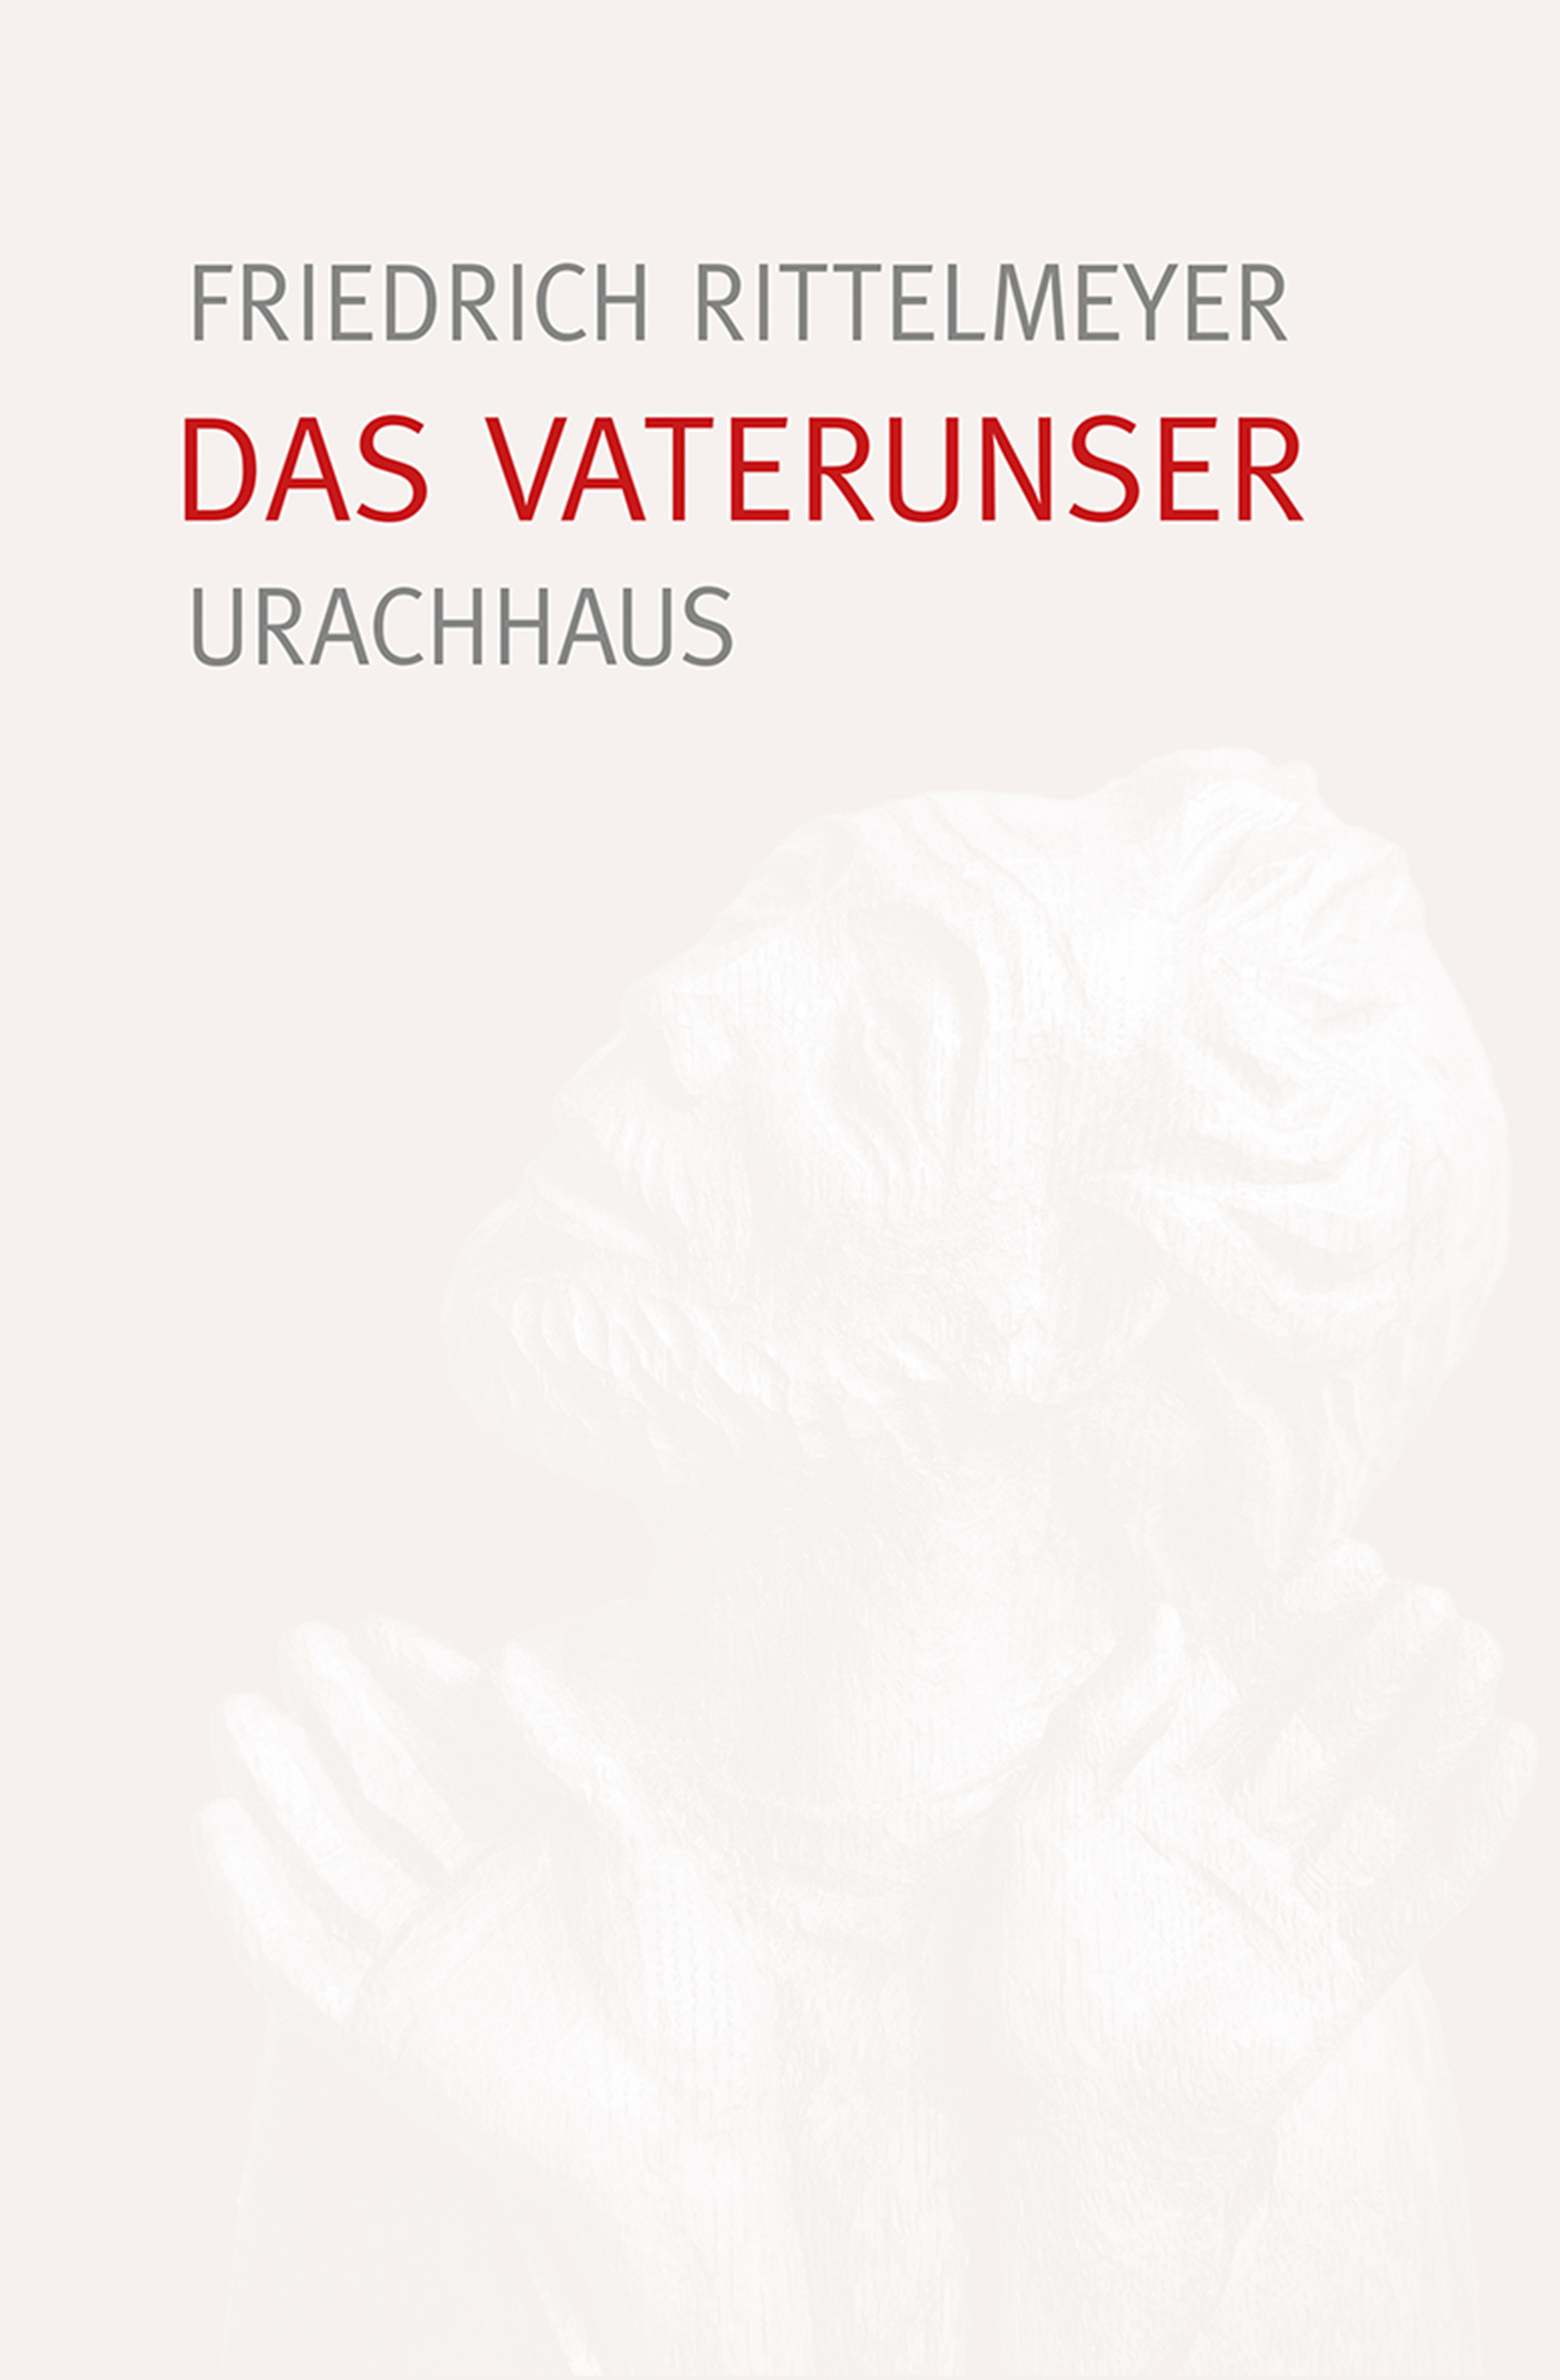 Friedrich Rittelmeyer Das Vaterunser friedrich brockhaus das legitimitatsprincip german edition